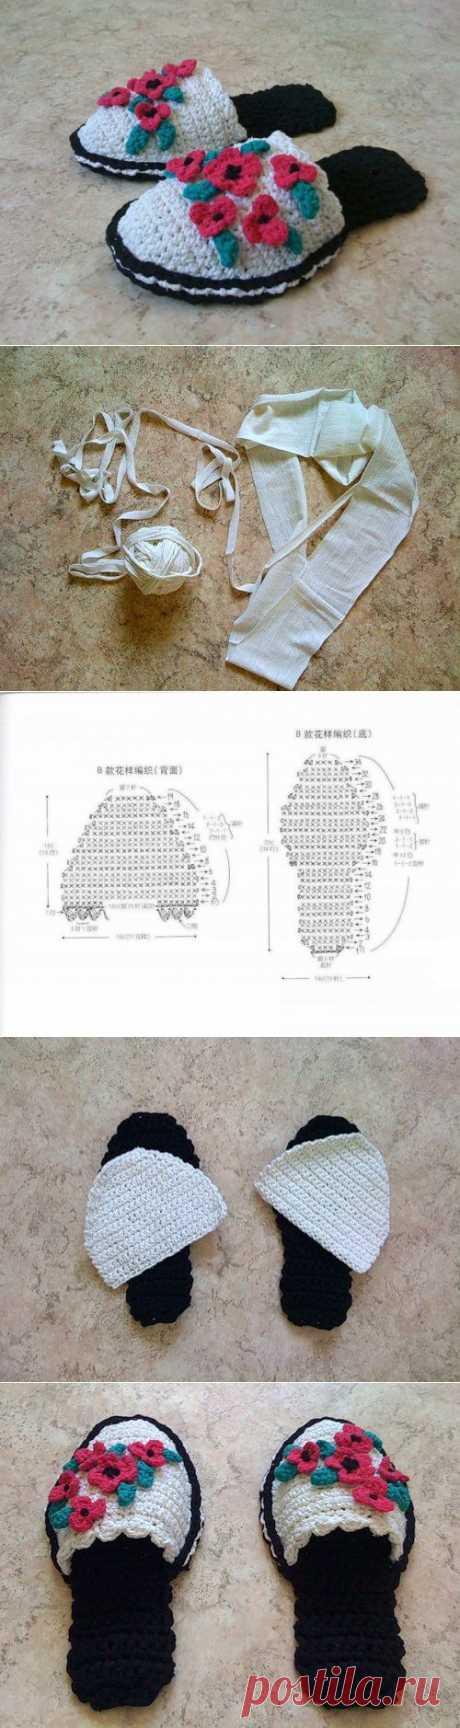 Тапочки из ненужных футболок. Автор Milisa